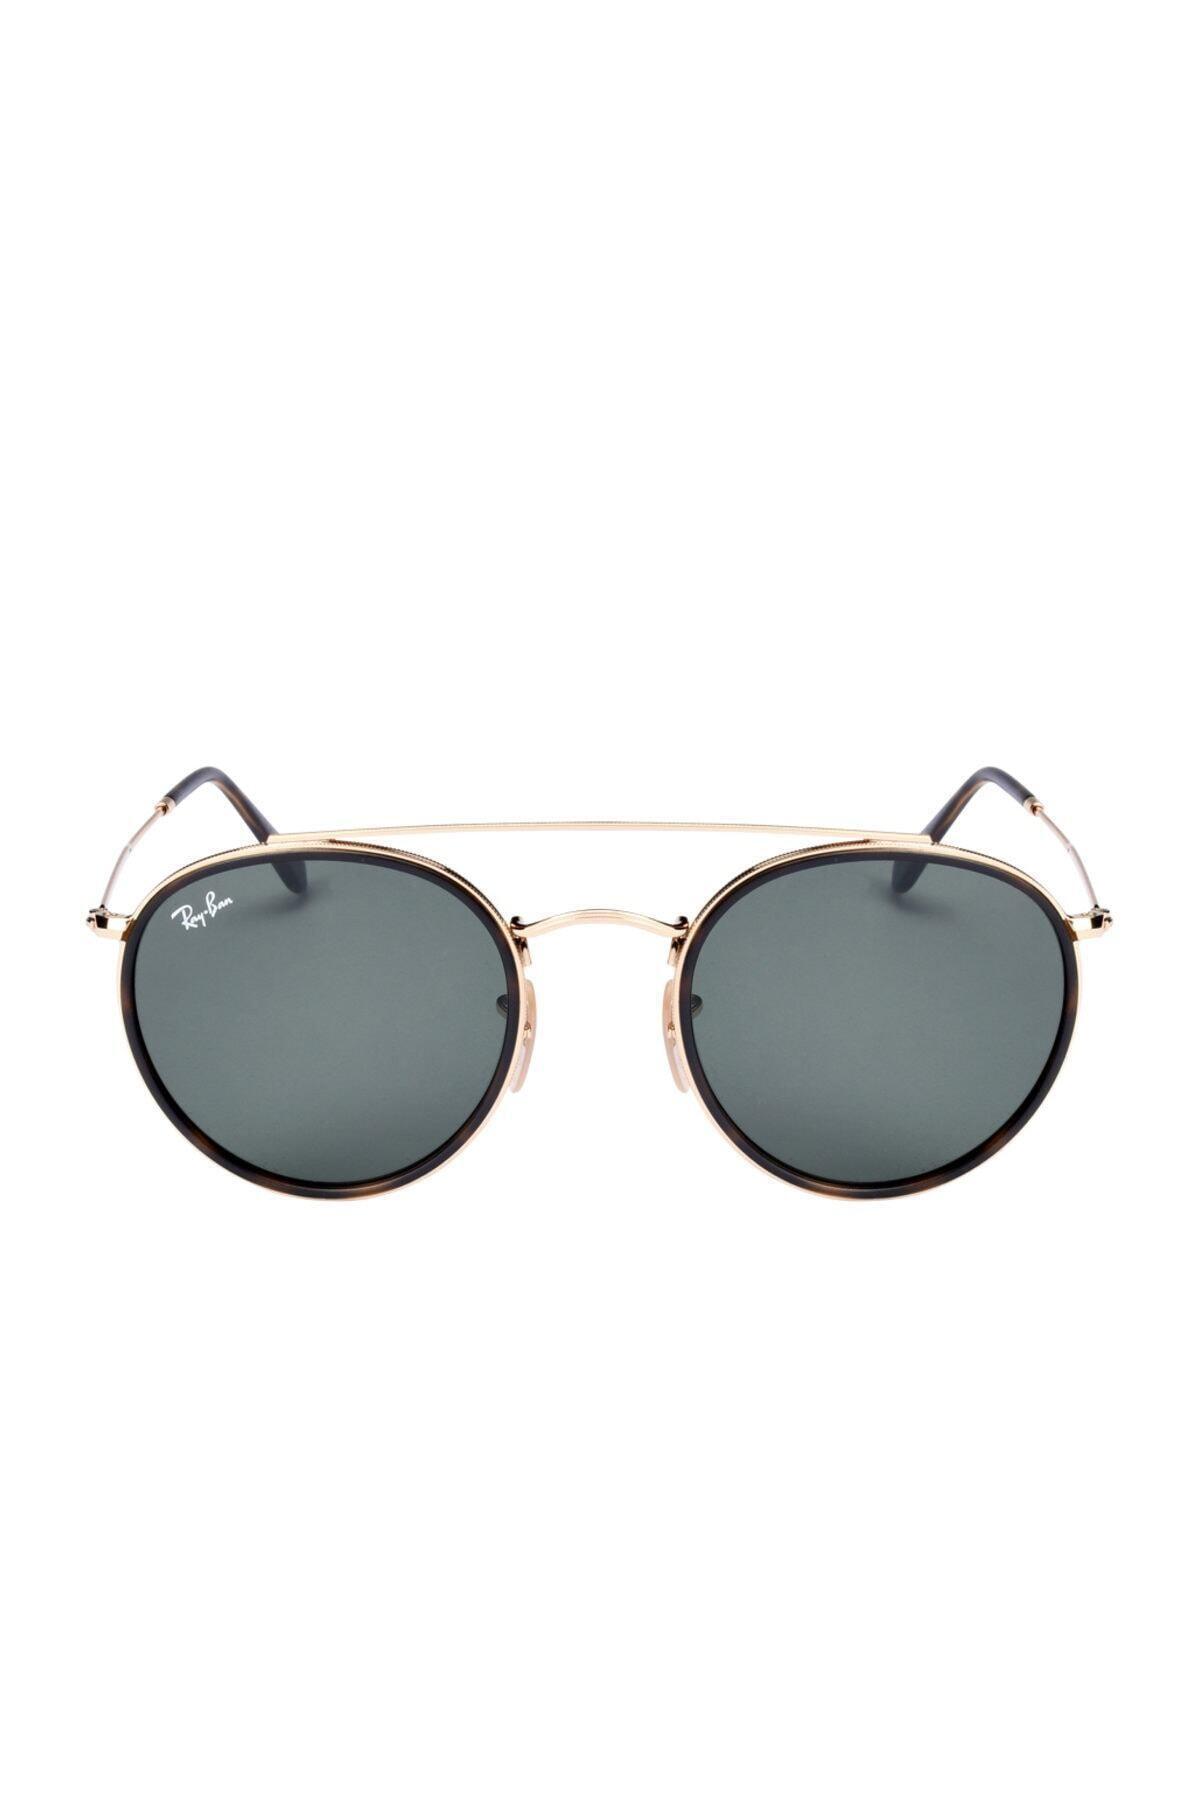 Original Rayban Round Women's 2021 New Season Sunglasses